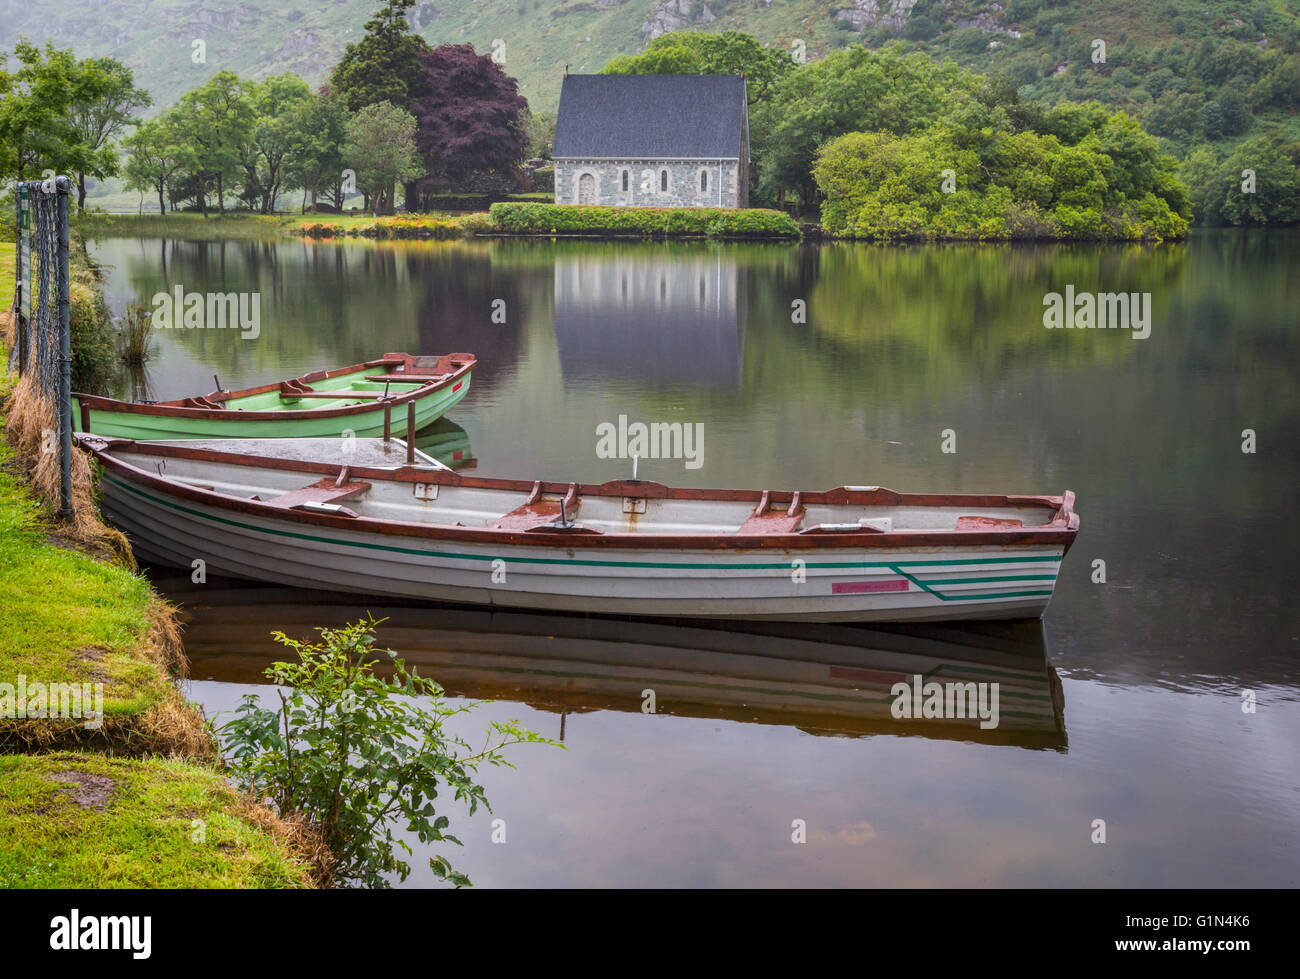 Gougane Barra, County Cork, Irland.  Eire.  Blick über Ruderboote vertäut am Ufer Sees mit der Eremitage Stockbild